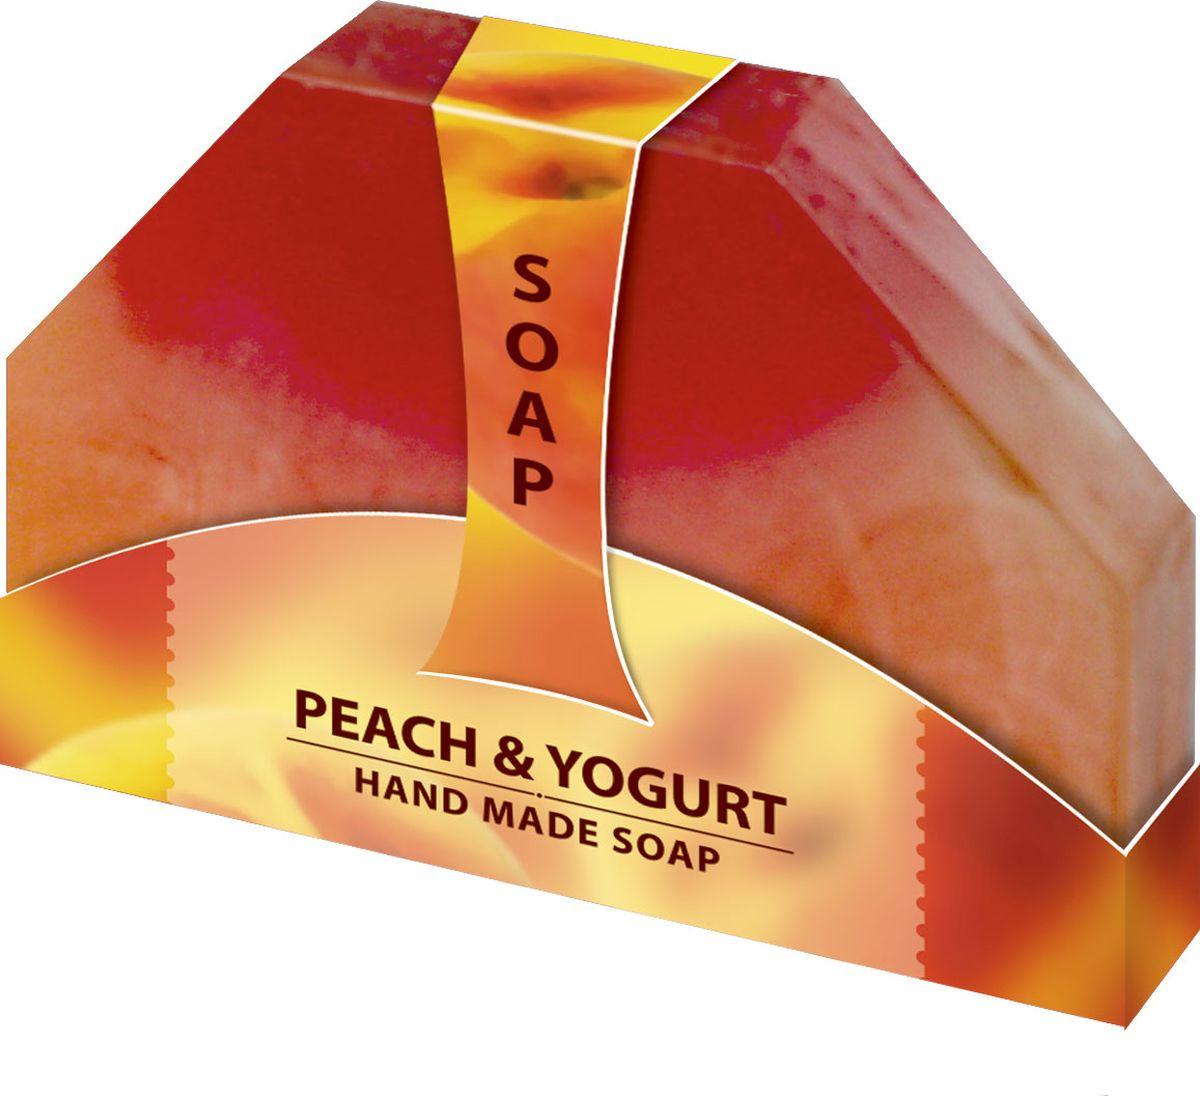 Мыло ручной работы Персиковый Йогурт Hand made spa collection, 80 гFS-00897Мыло из нежного природного пальмового масла, содержит натуральный экстракт персика, с содержанием йогурта. Имеет приятный фруктовый аромат, который наполнит вашу душу удовольствием. Наслаждайтесь гладкостью кожи после каждого использования. Очищает и тонизирует кожу, делая ее бархатистой.